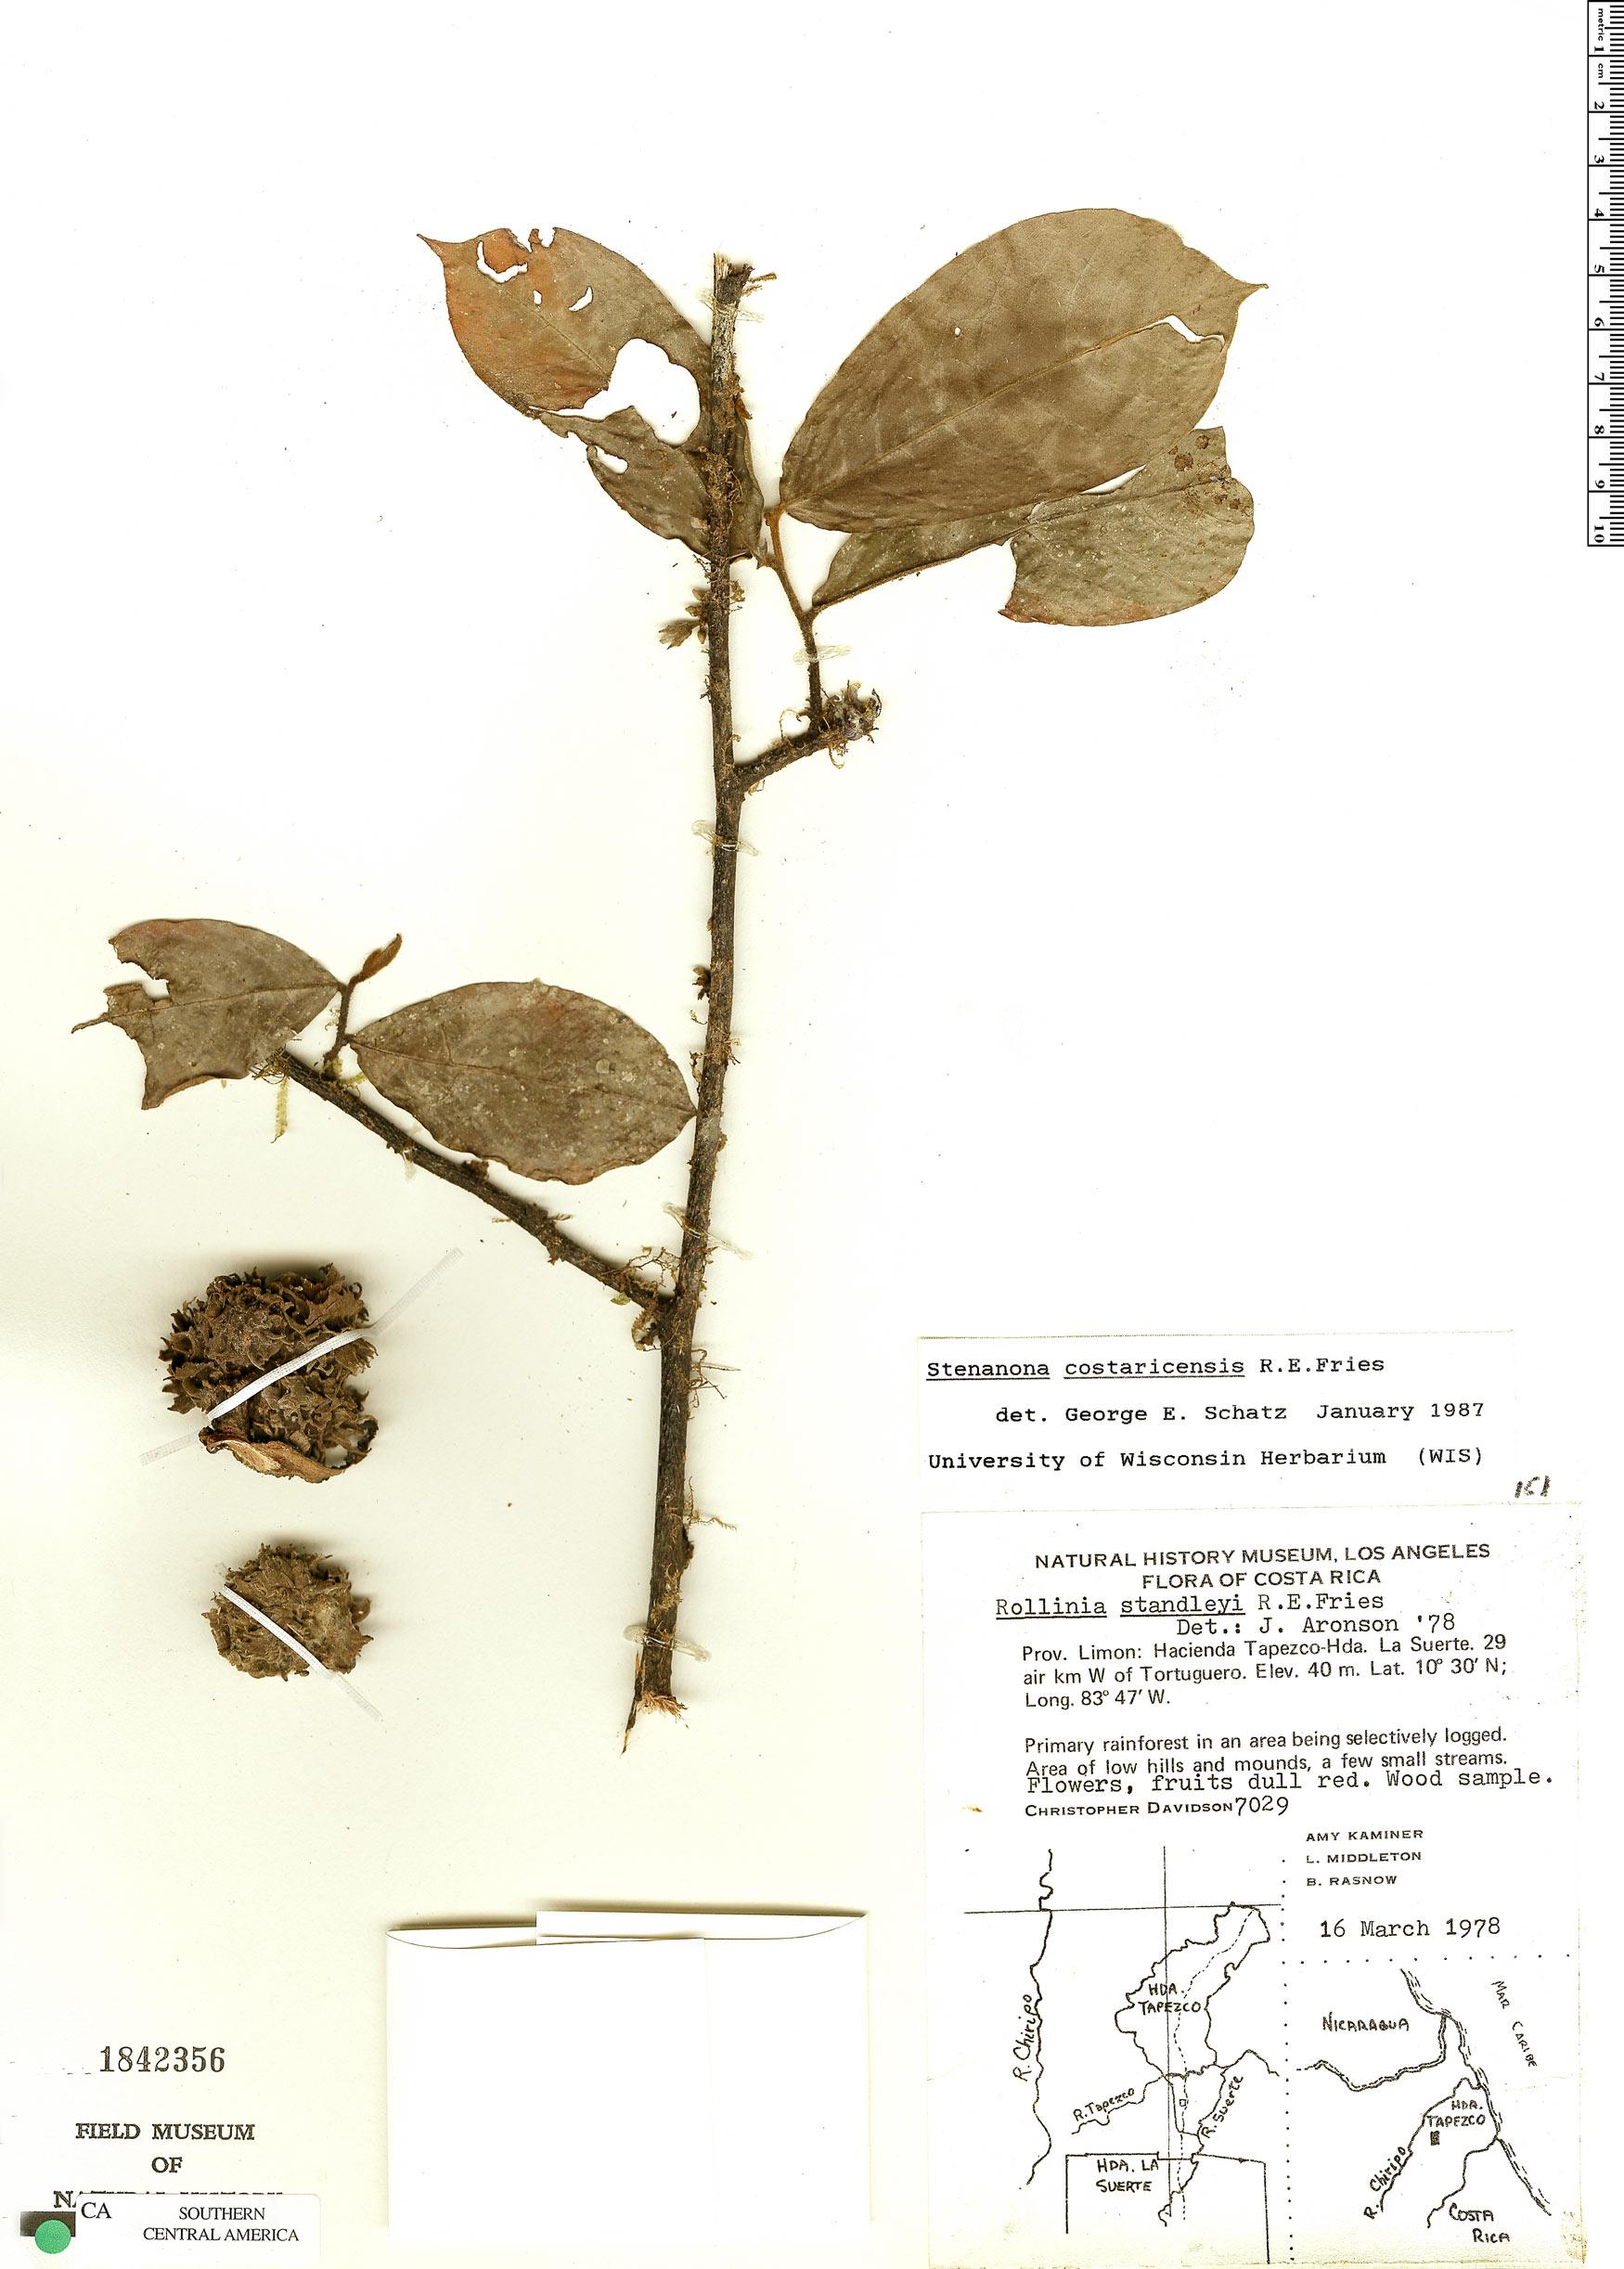 Specimen: Stenanona costaricensis